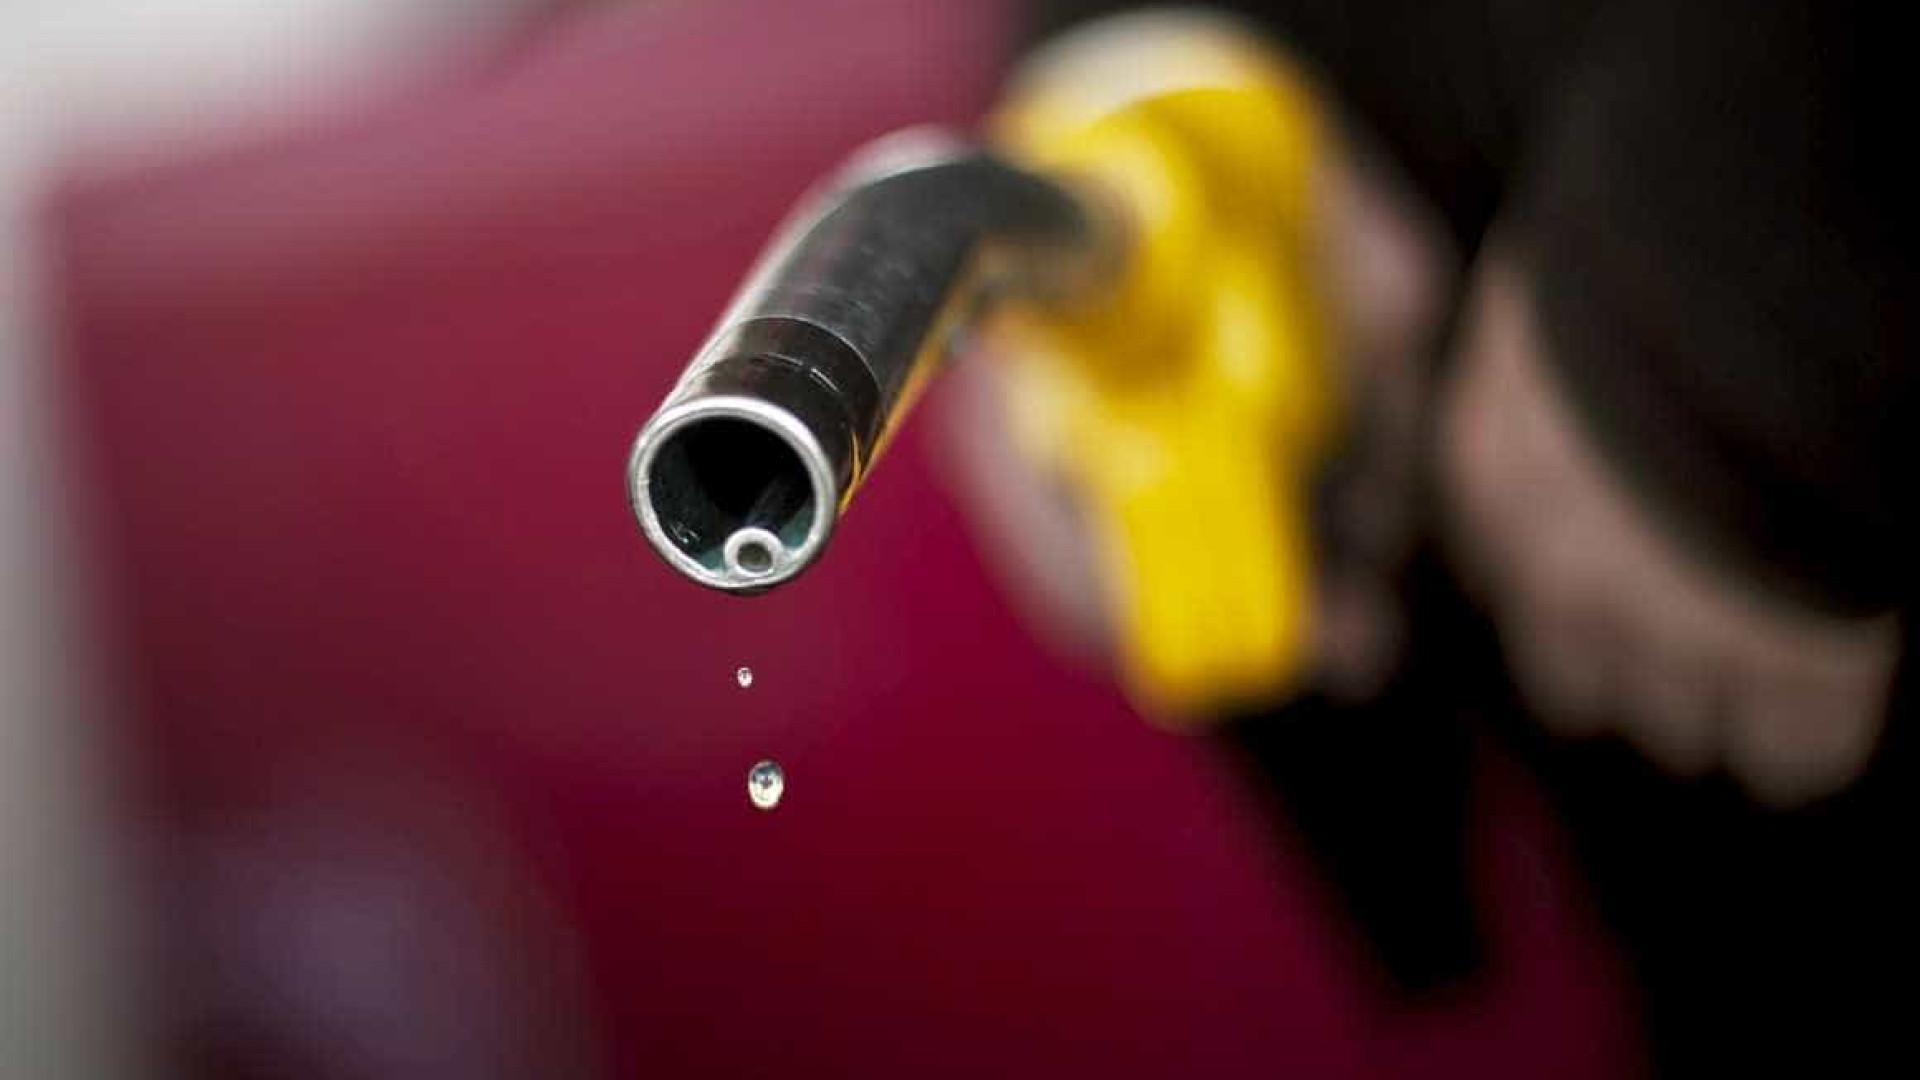 Falta de refinarias pode gerar racionamento de combustíveis